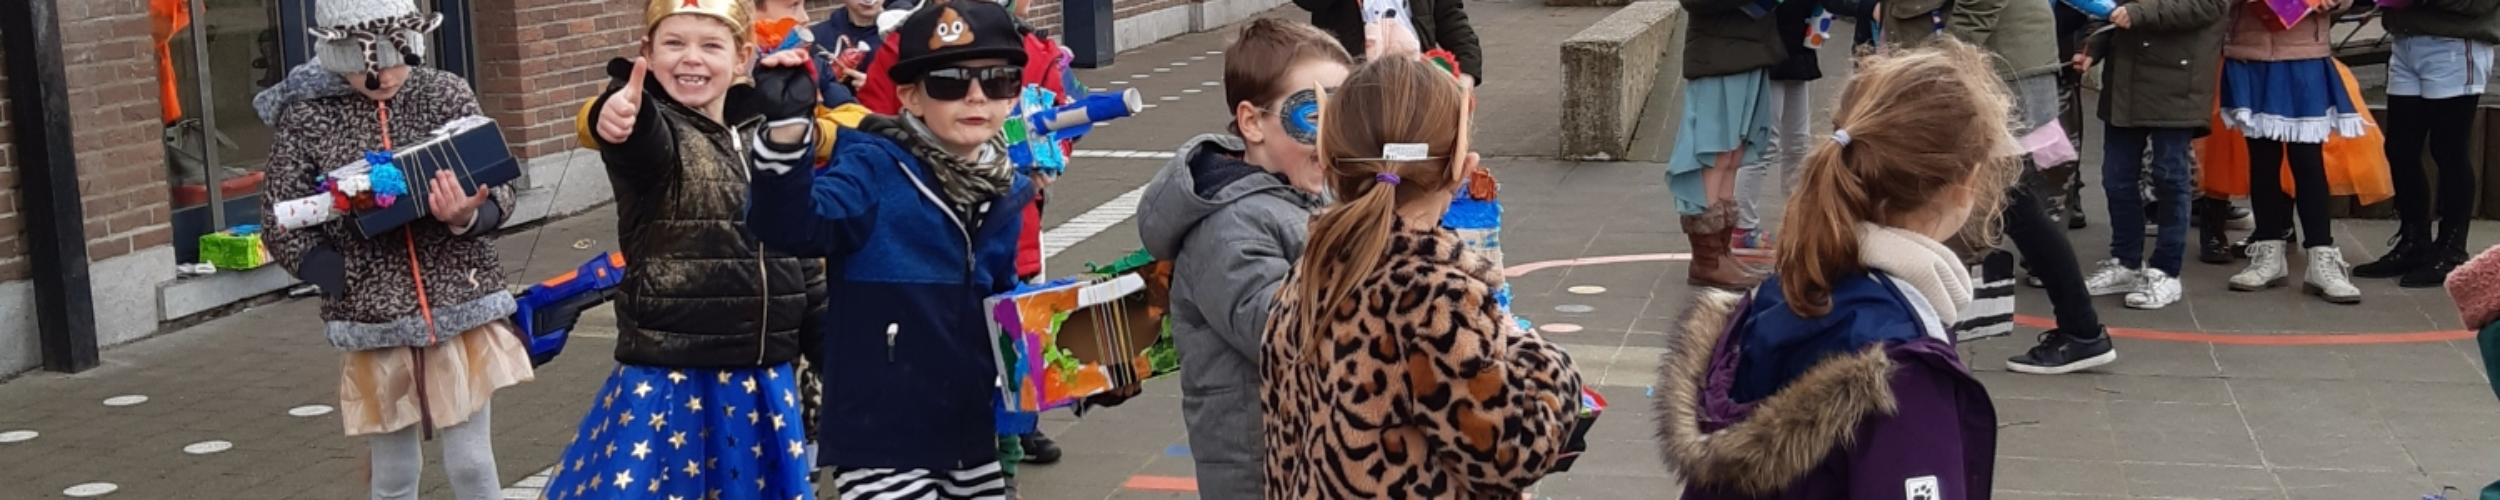 Carnaval: klasoverstijgend knutselen, stoet, plezier, genieten....